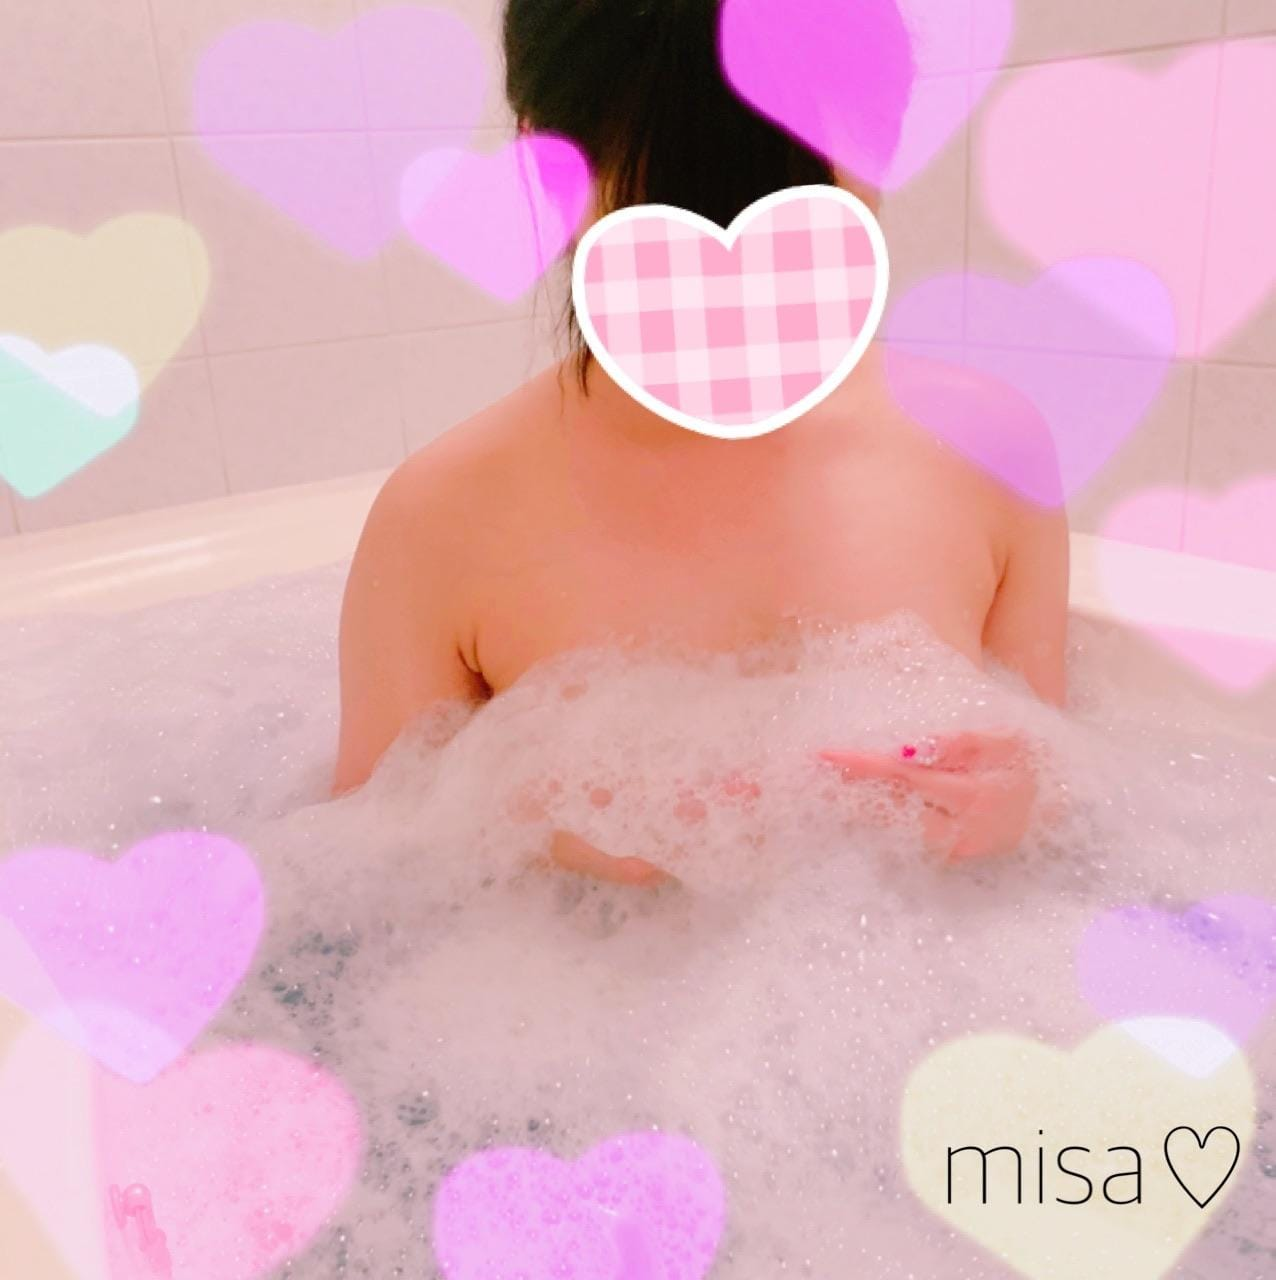 「* 出勤?」03/28(土) 07:57   小川みさの写メ・風俗動画